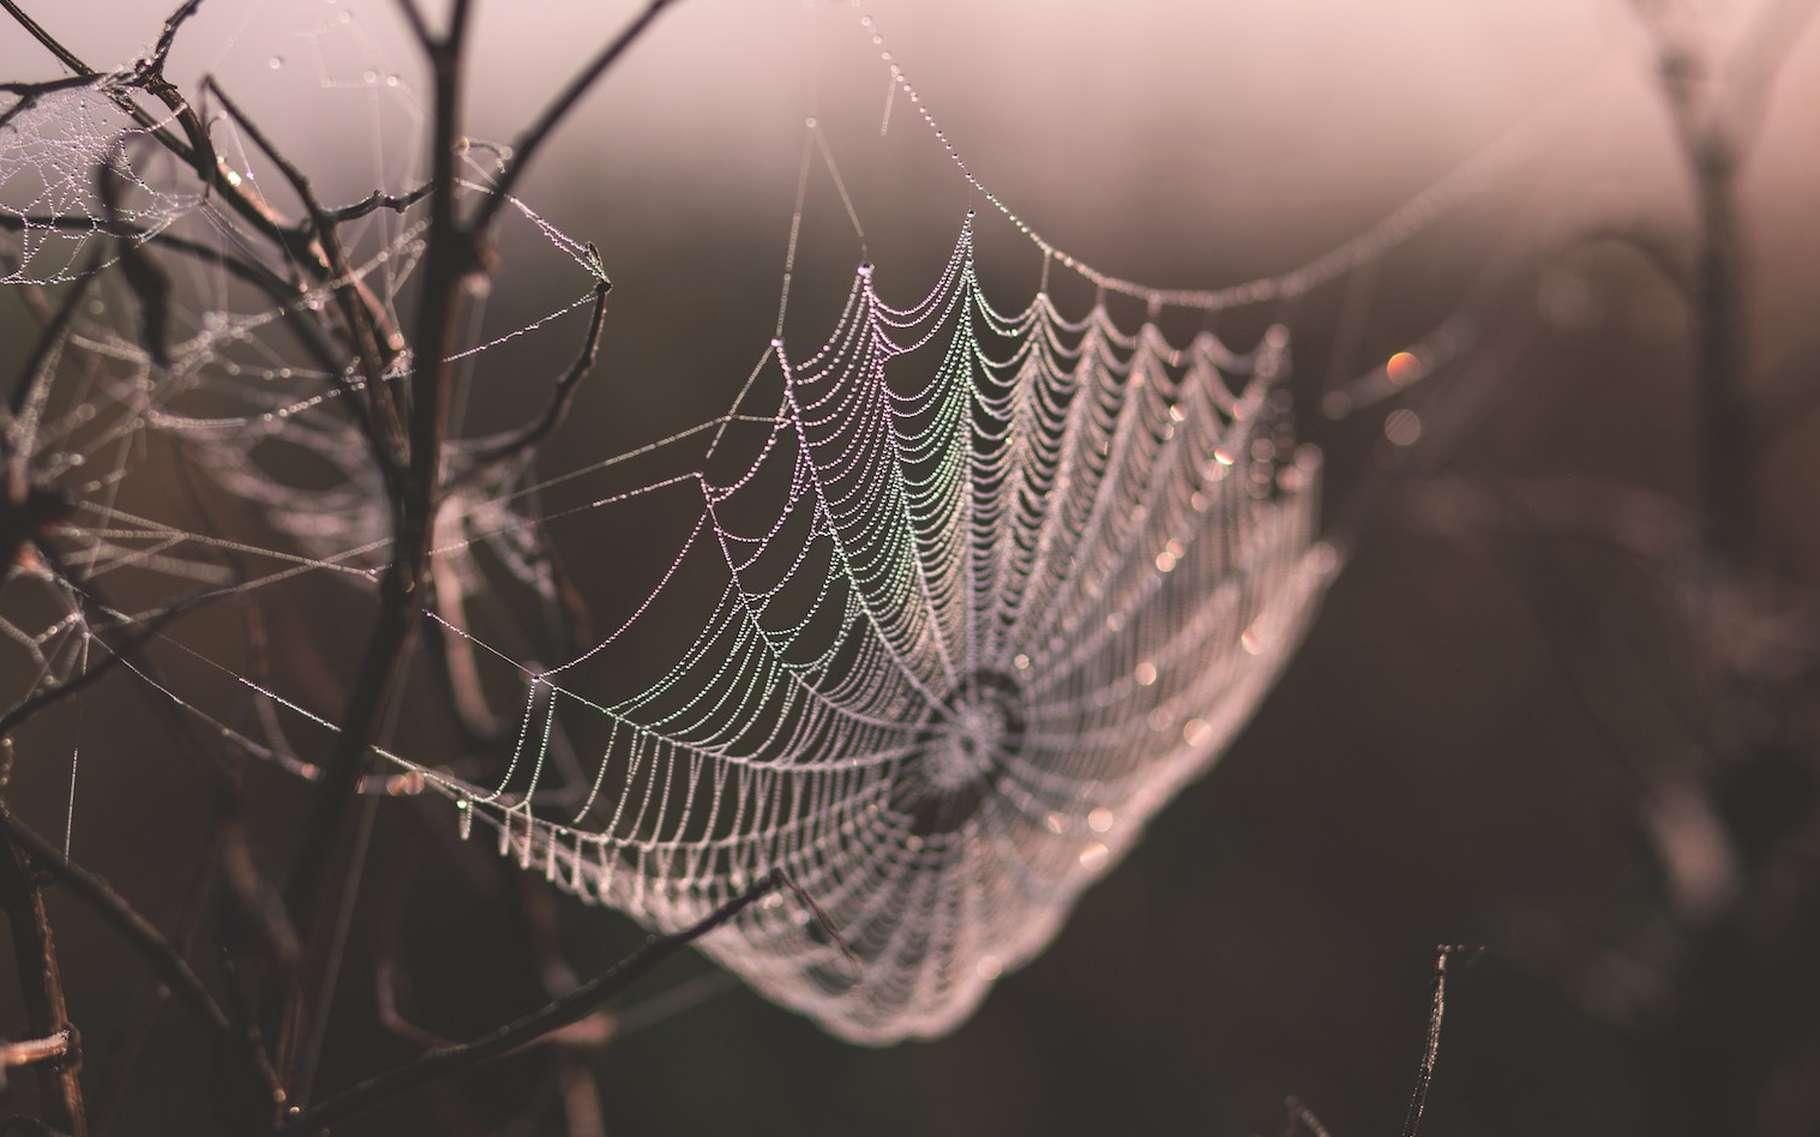 La soie d'araignée est réputée être le matériau biosourcé le plus résistant à la rupture en traction. Des chercheurs suédois pourraient bien faire mentir cette réputation. © freestocks.org, Unsplash